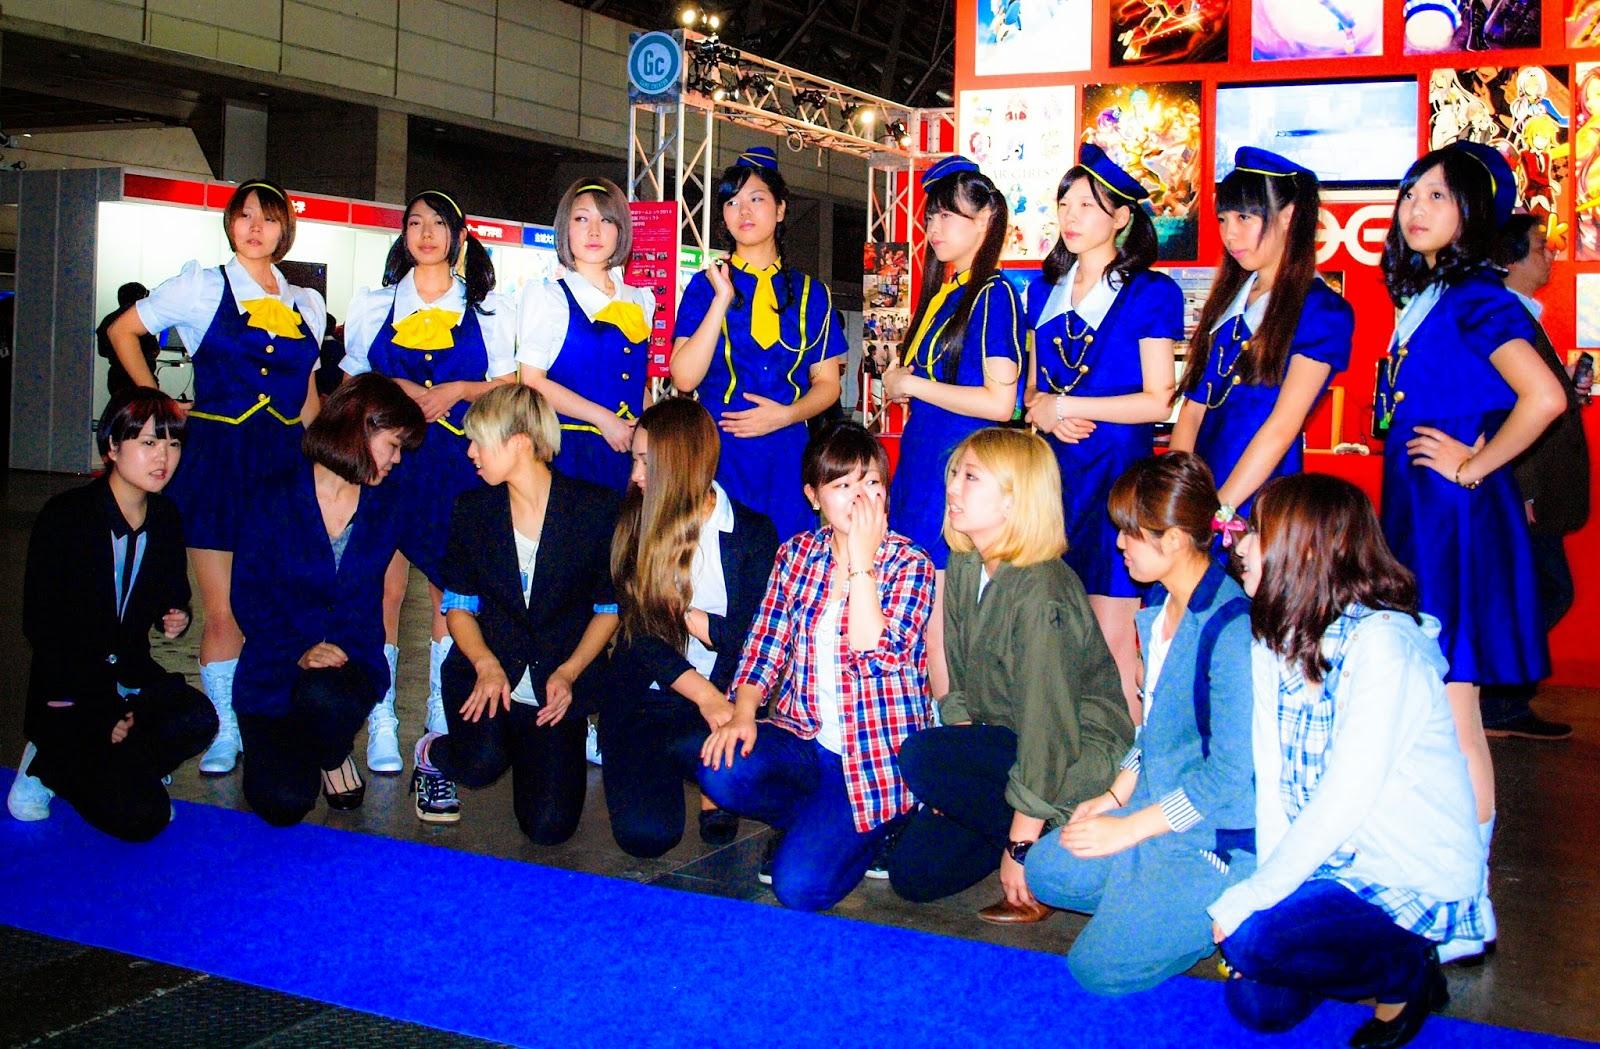 Tokyo Game Show photos